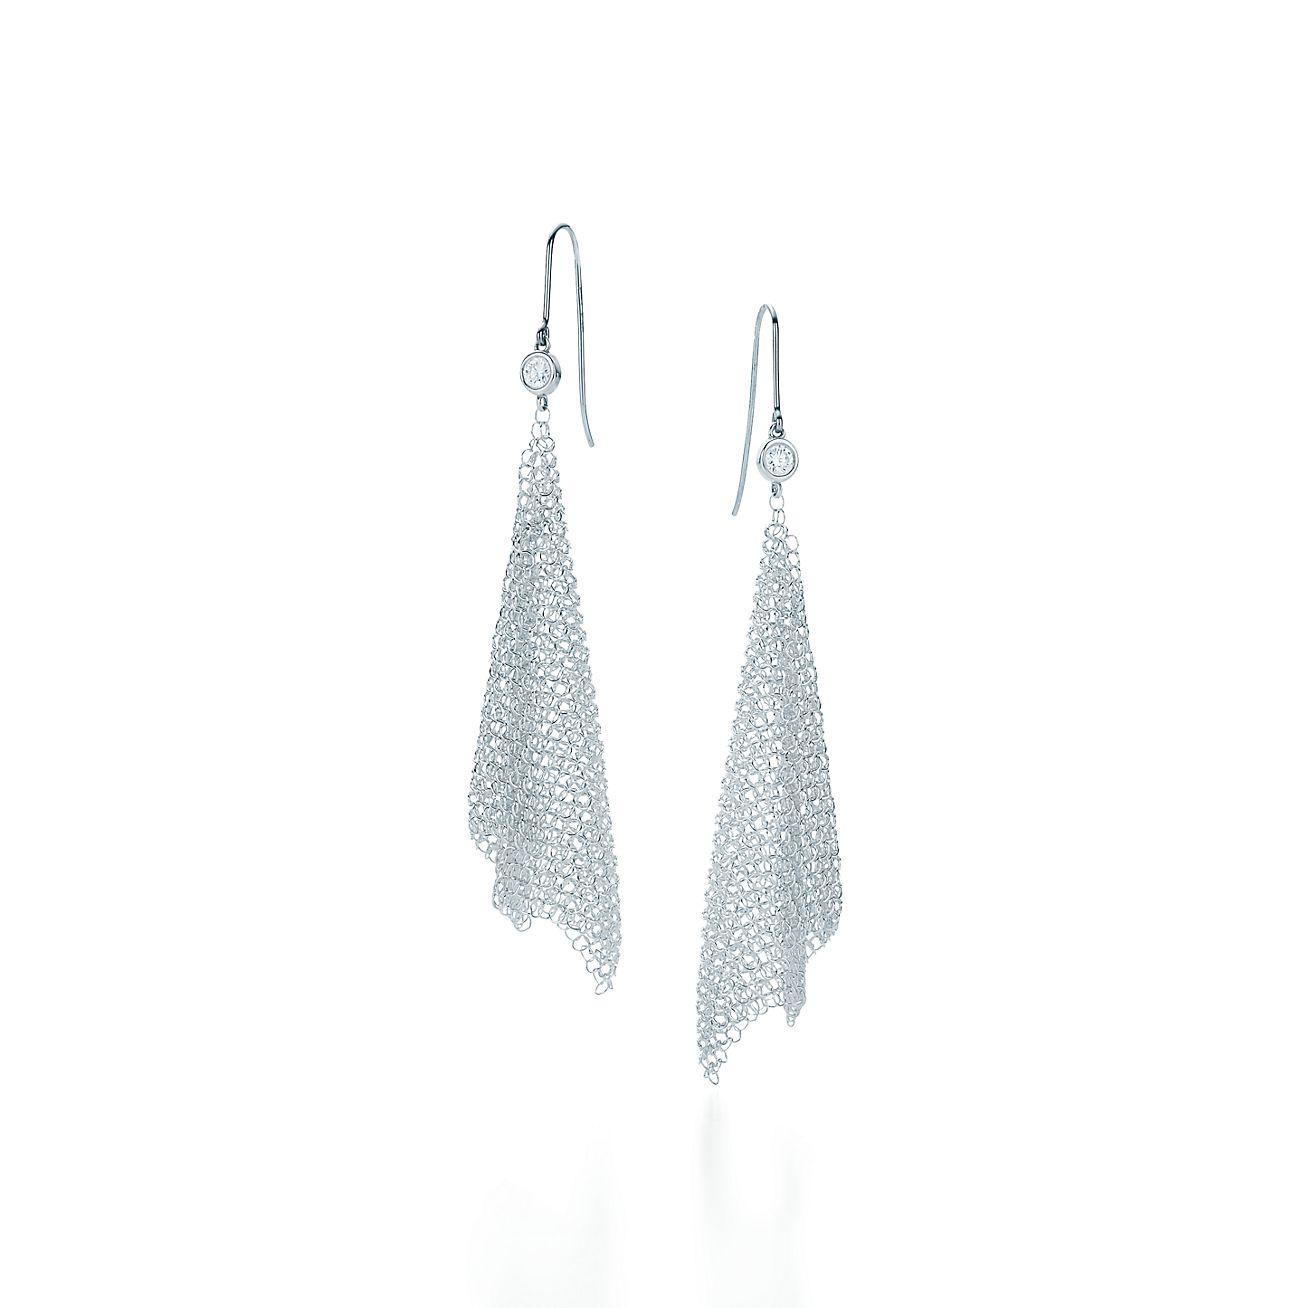 Boucles D'oreilles En Maille Elsa En Argent Sterling Peretti Avec Diamants, Petite Tiffany & Co.